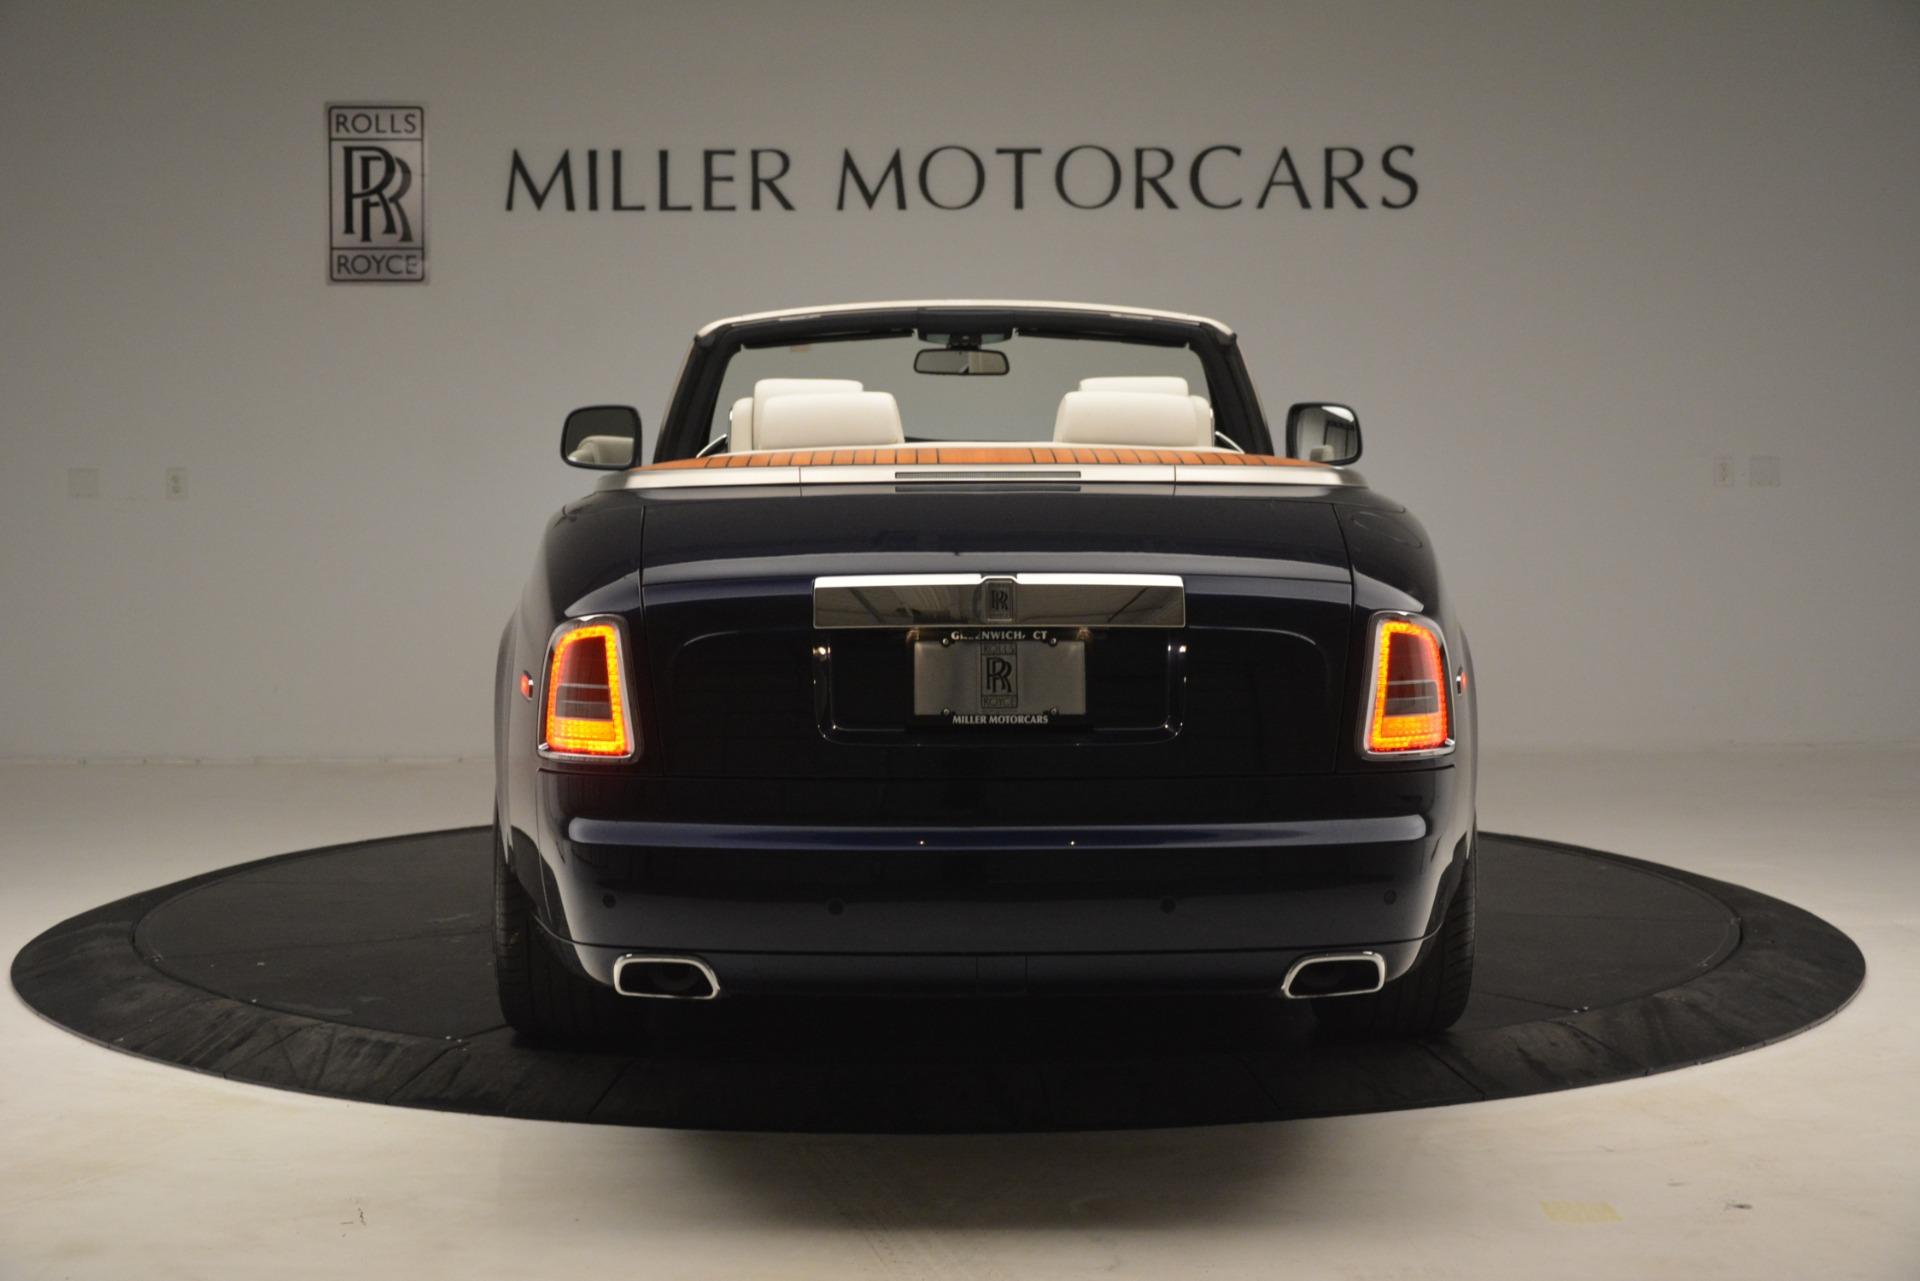 Used 2013 Rolls-Royce Phantom Drophead Coupe  For Sale In Westport, CT 2999_p9